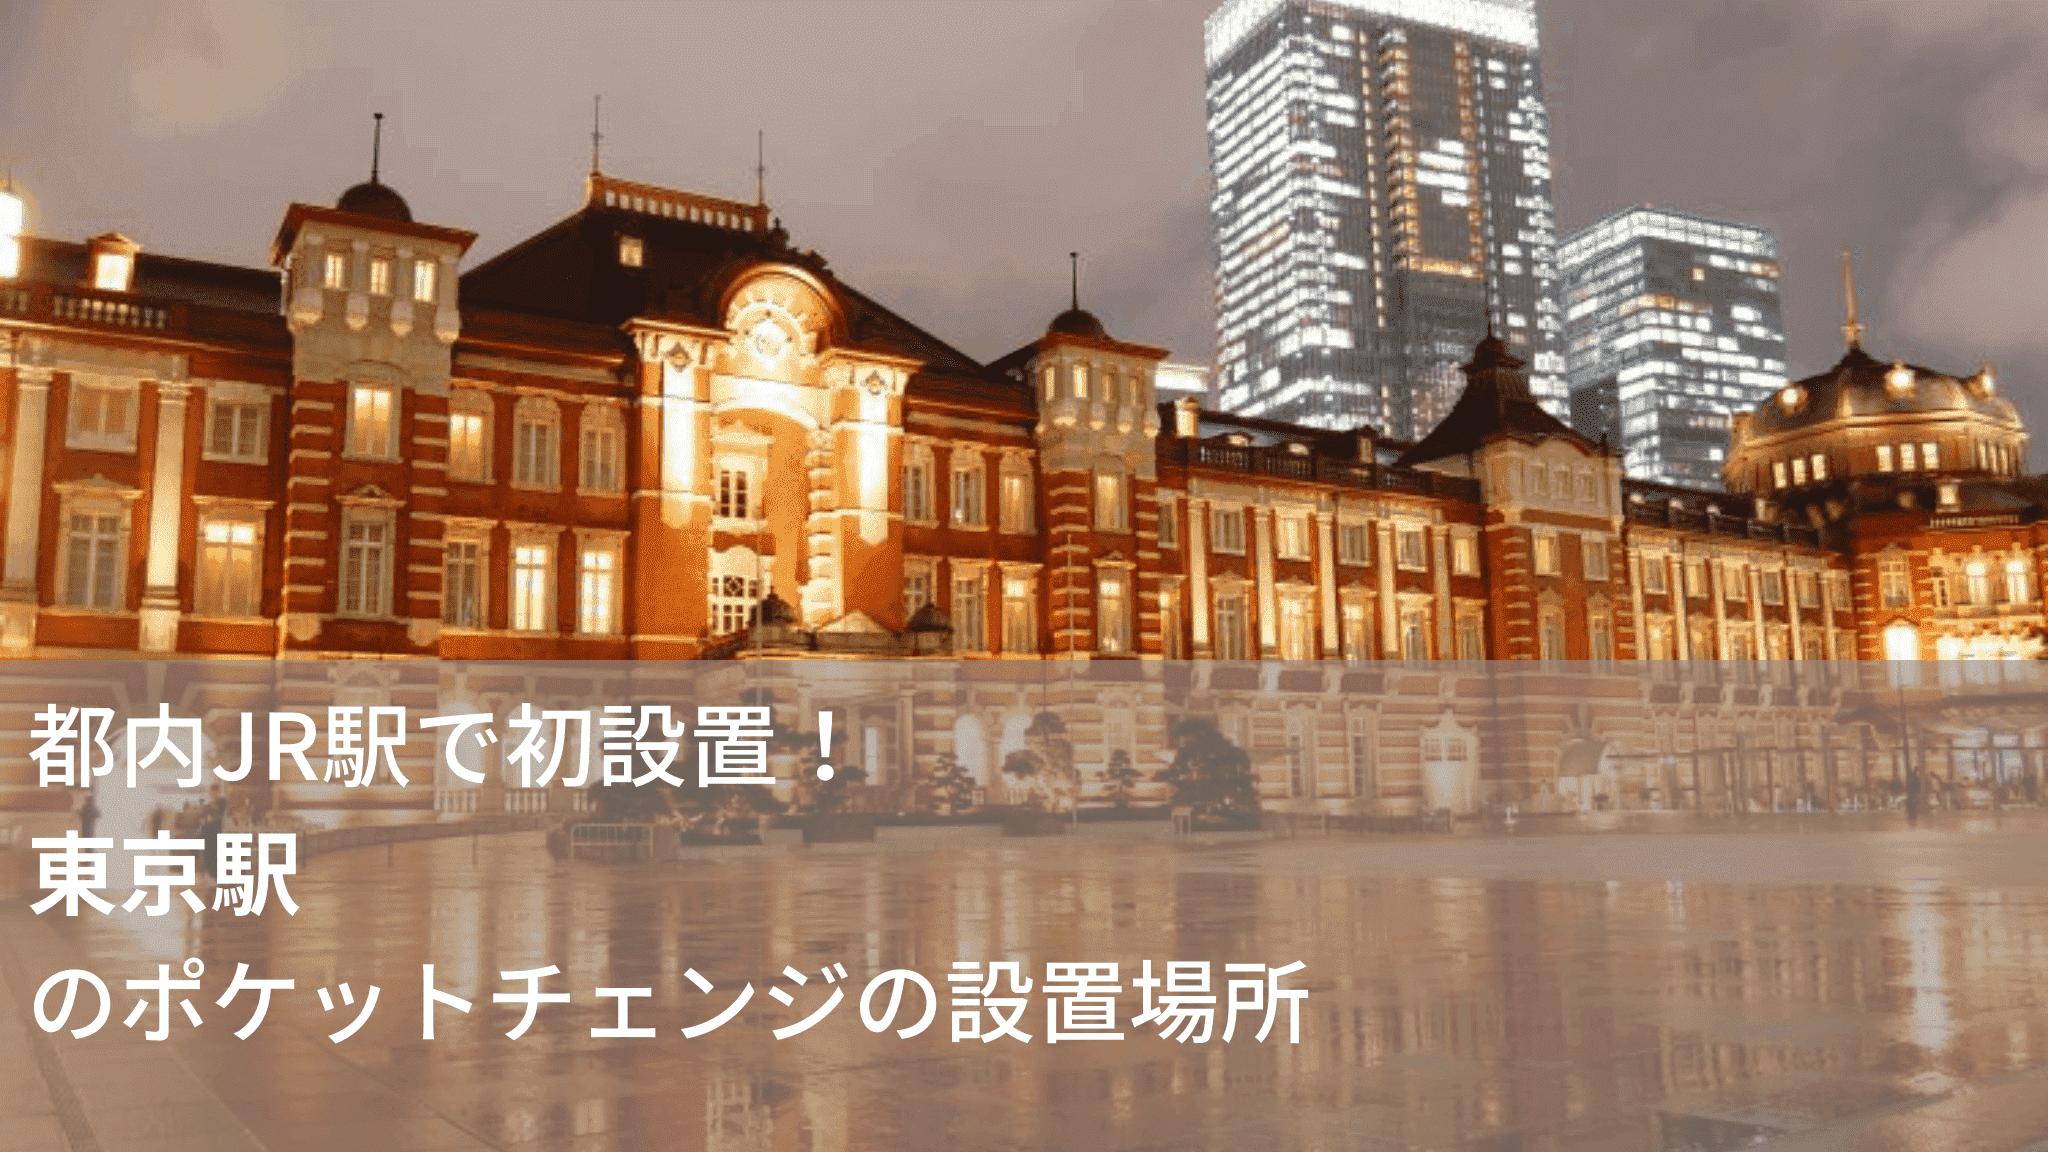 【出口別】東京駅のポケットチェンジの設置場所